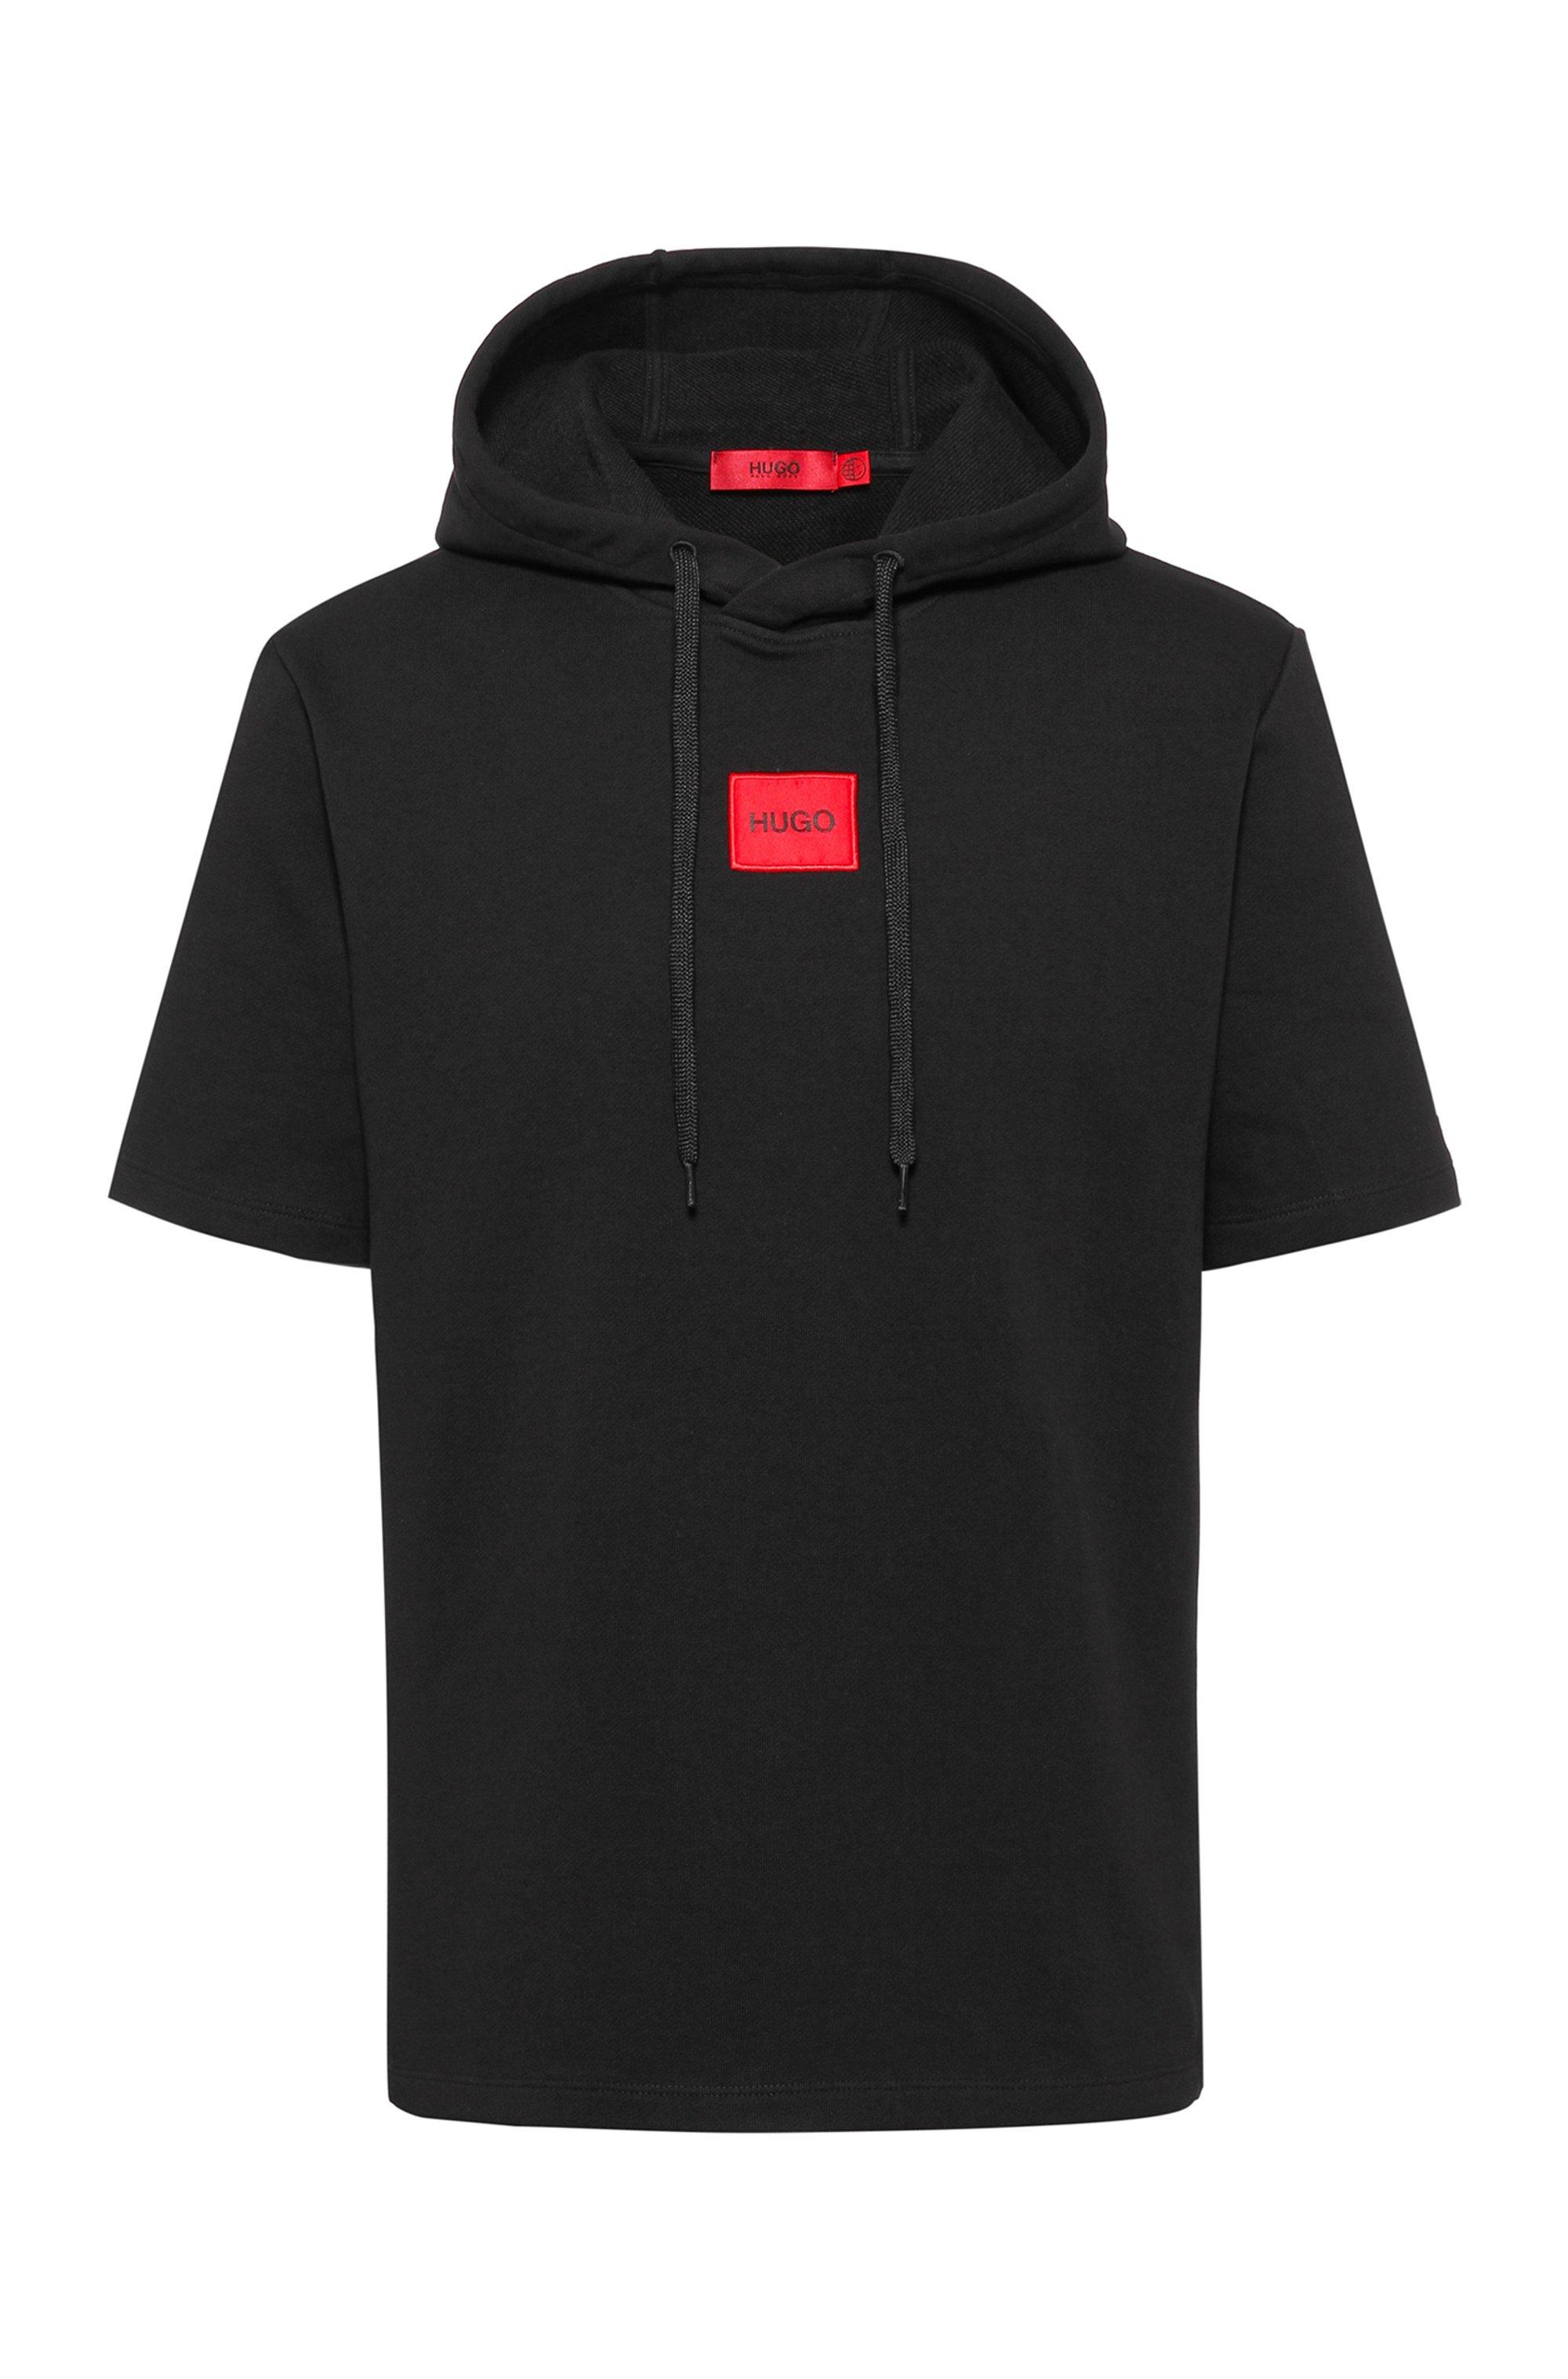 Sweat à capuche à manches courtes en molleton avec patch logo, Noir